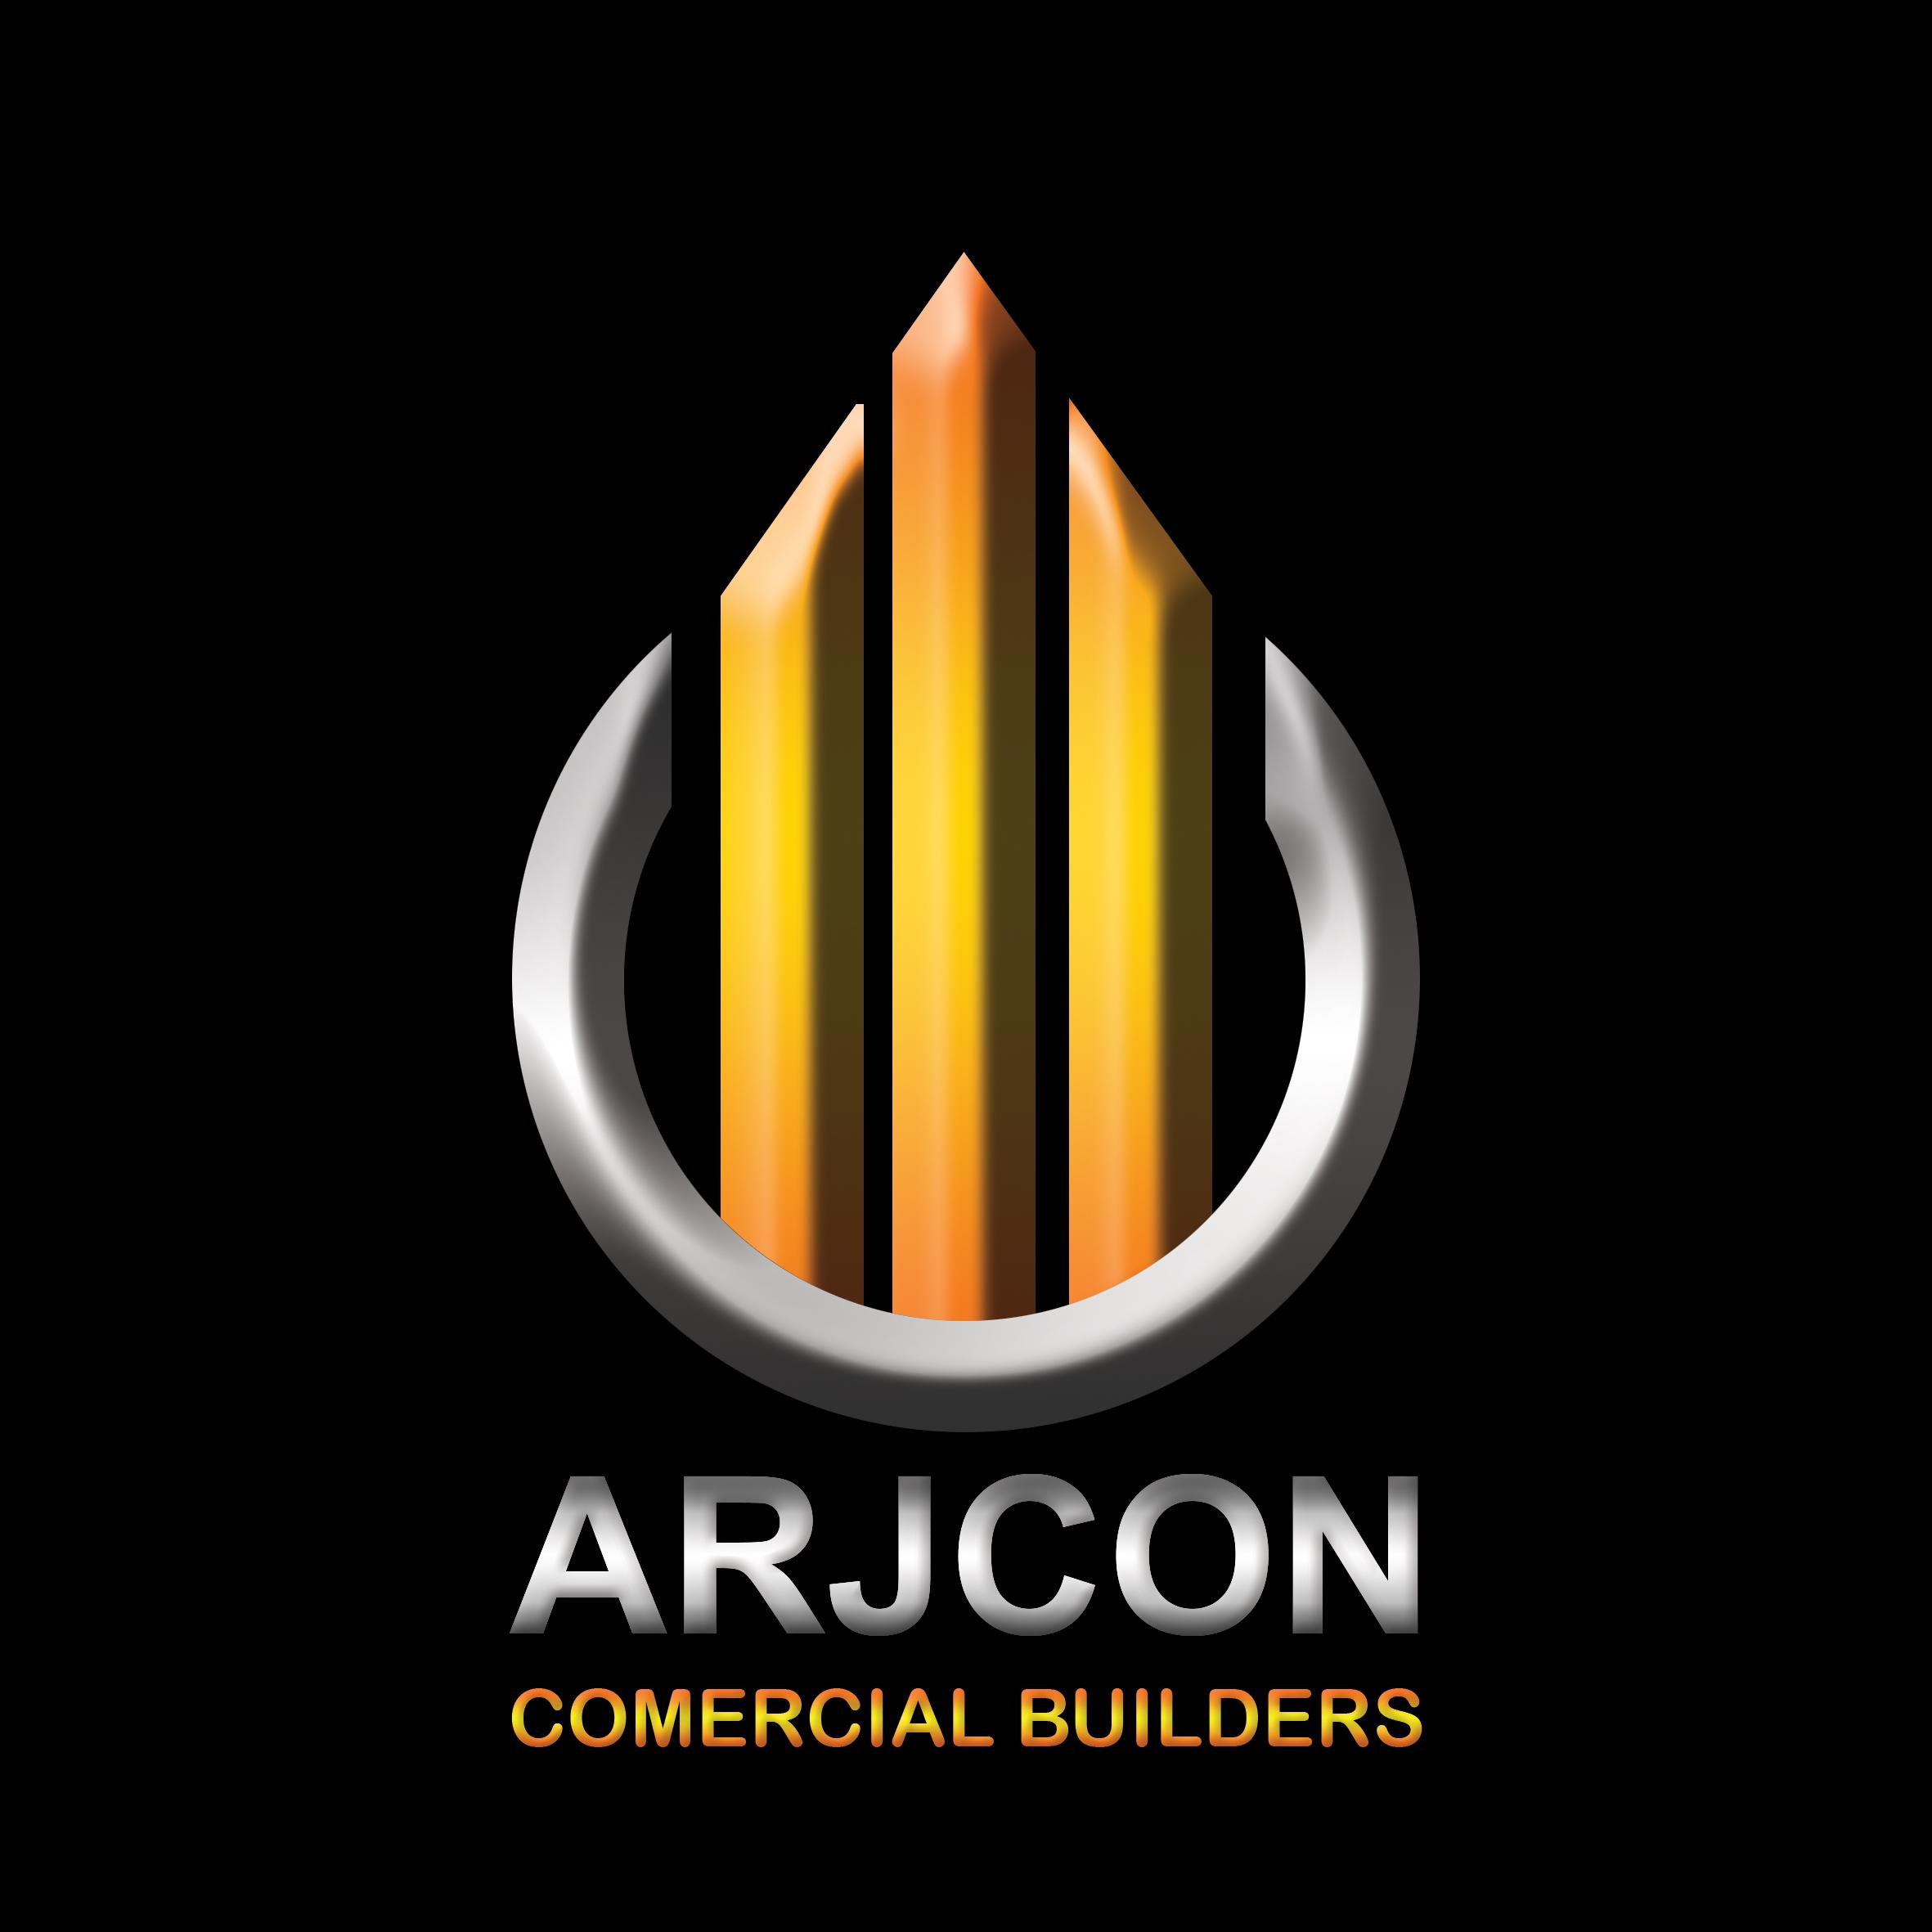 Logo Design by Kiavash Varnoos - Entry No. 210 in the Logo Design Contest Inspiring Logo Design for ARJCON.